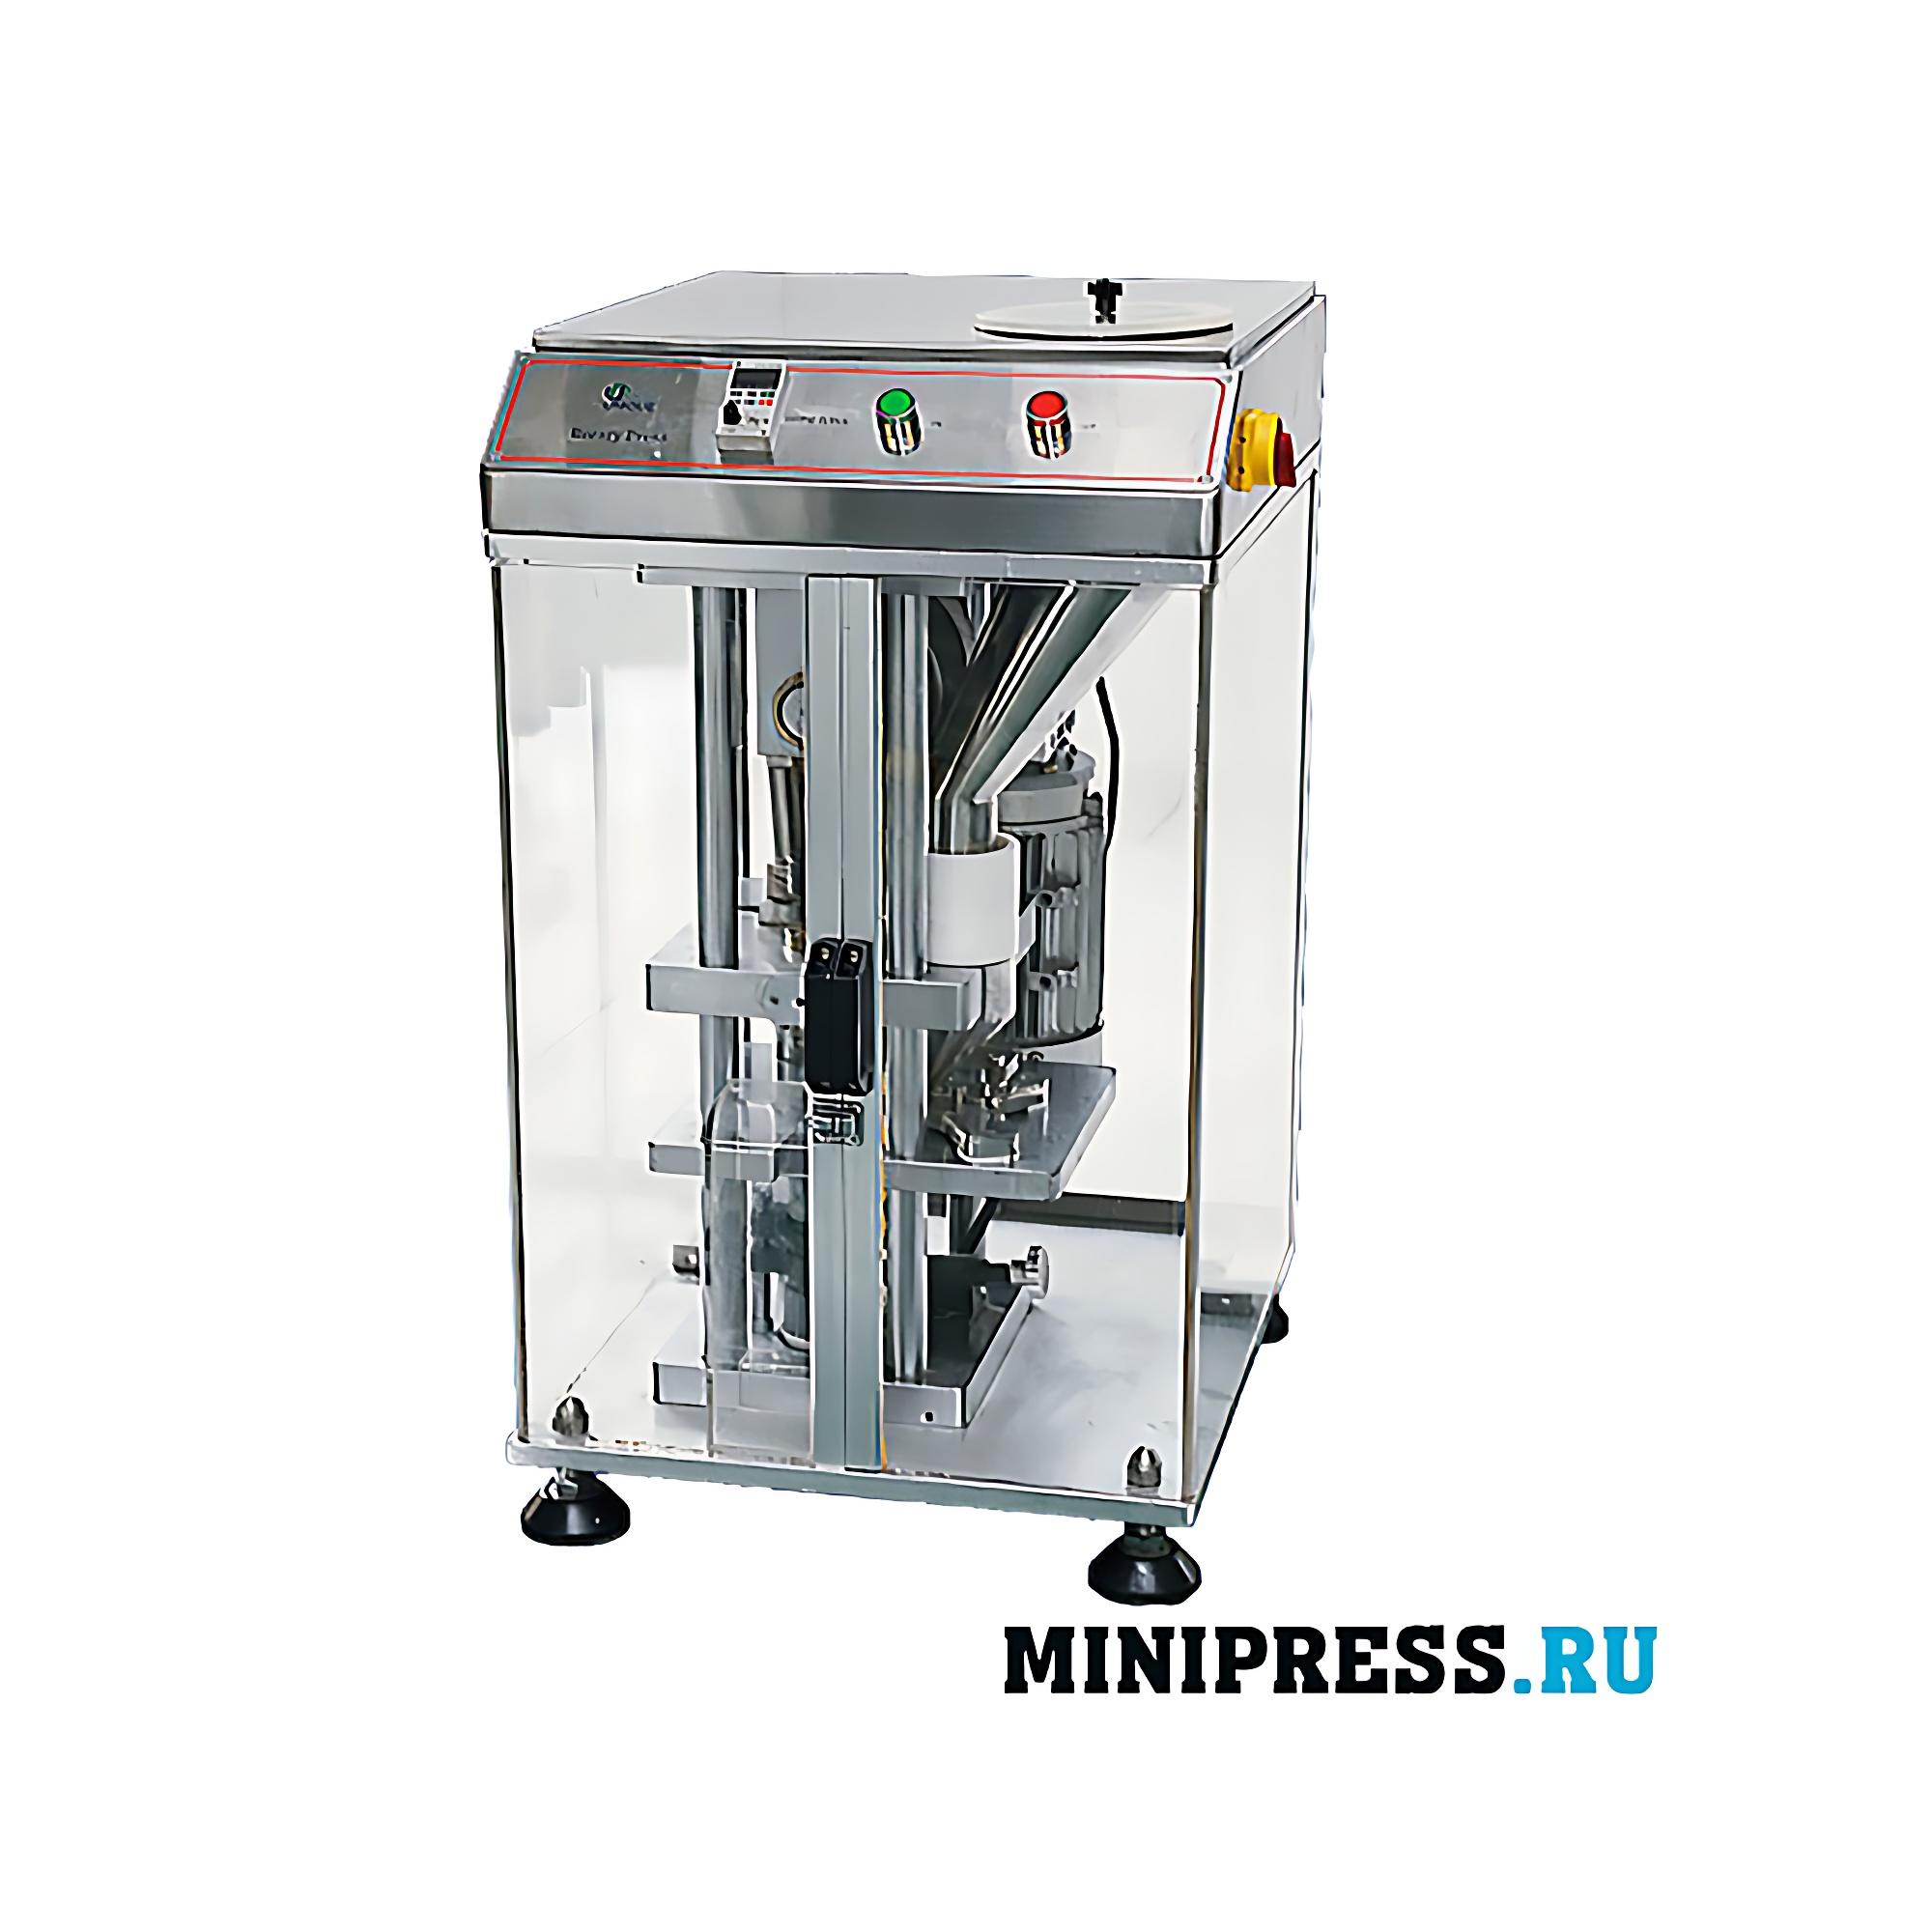 Оборудование для прессования таблетки максимального диаметра 30 мм